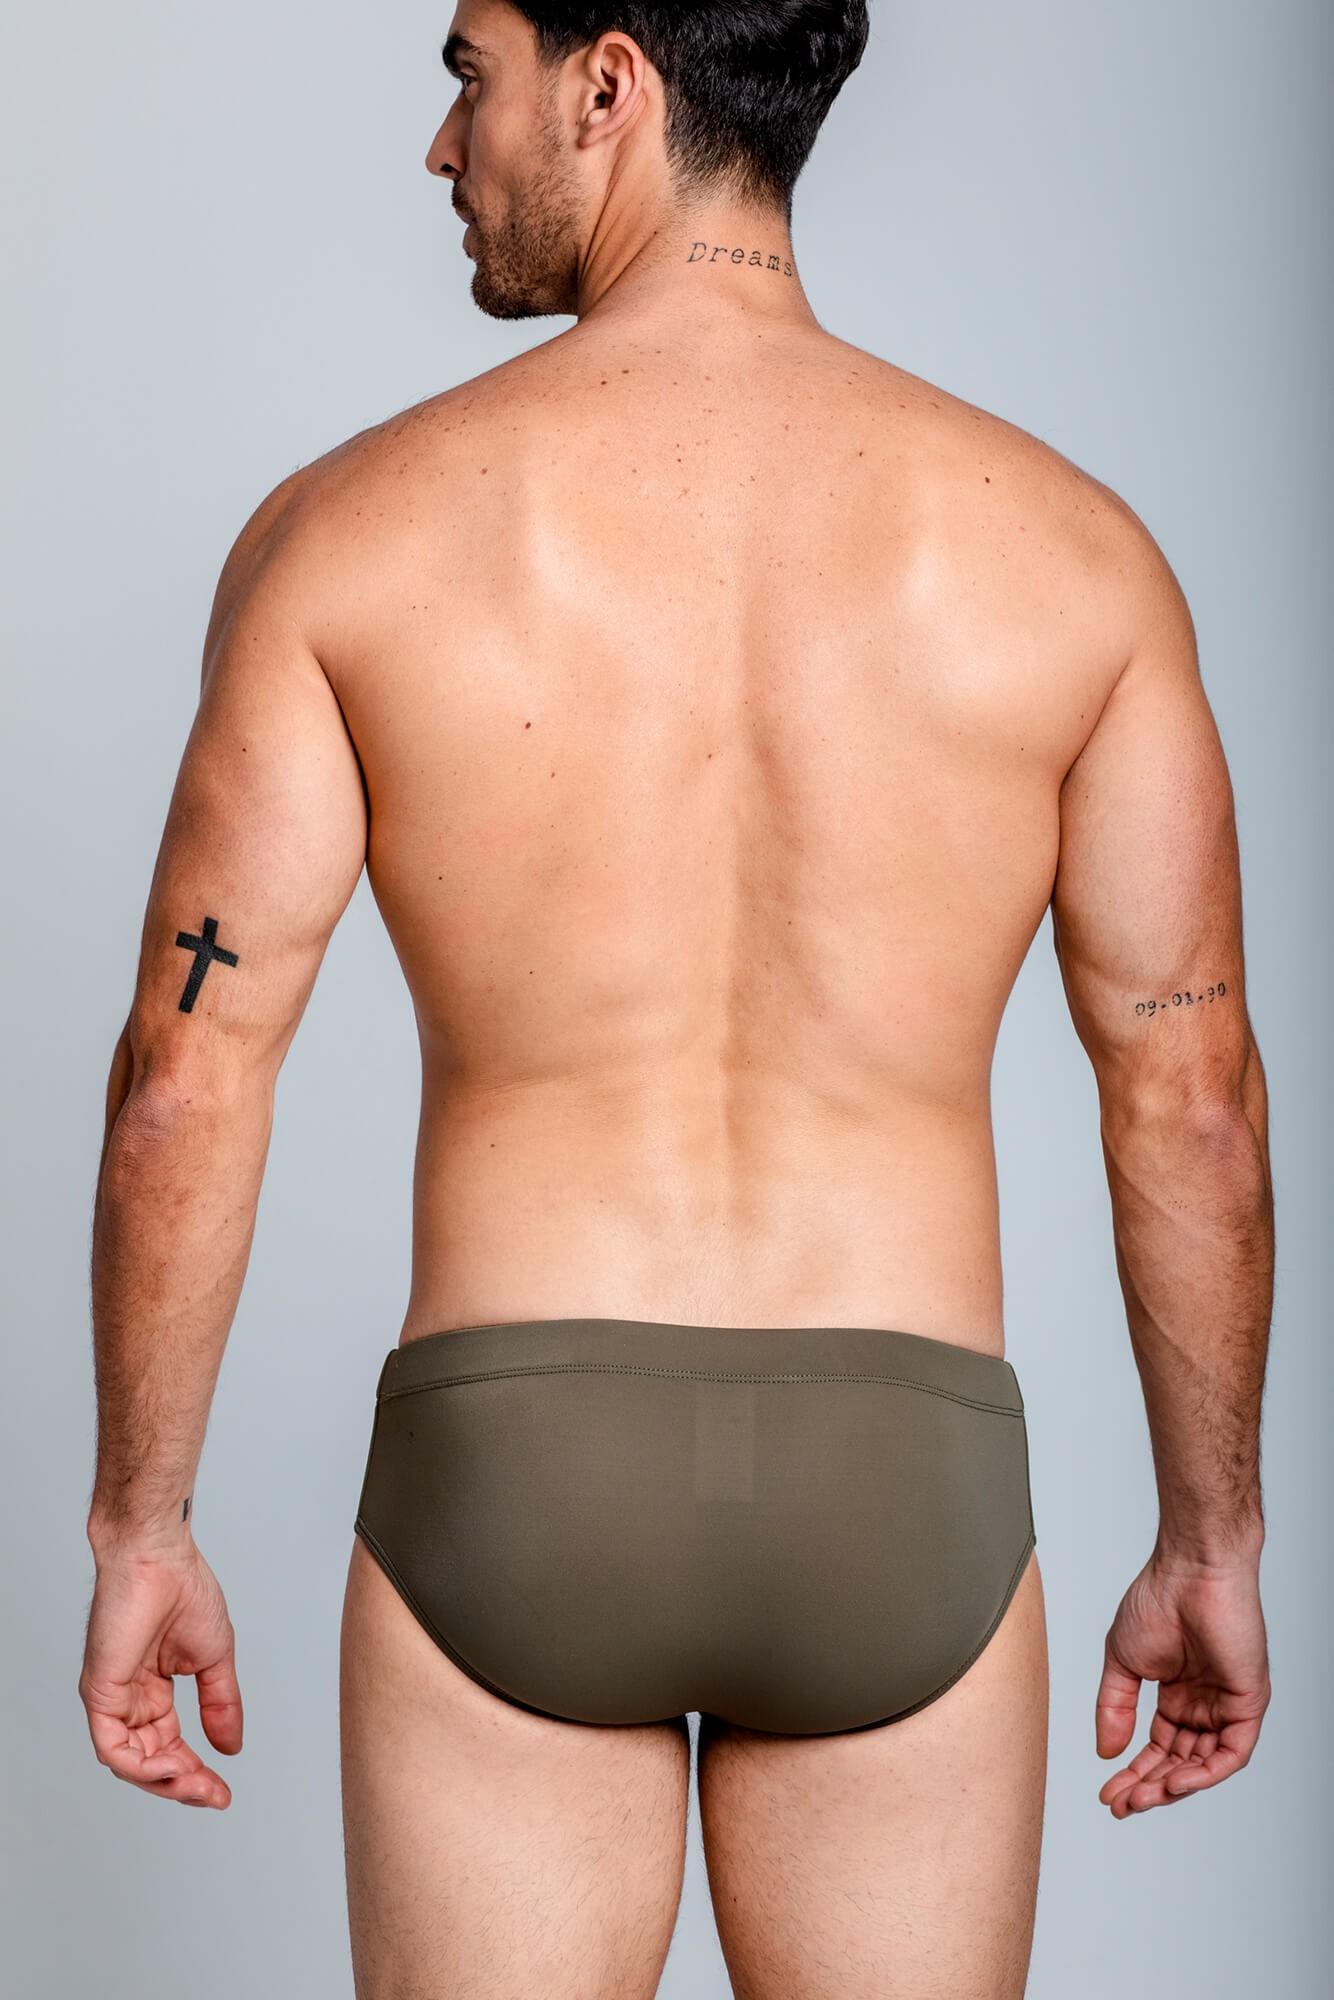 Bañador Classic Fitness Swim Brief para modelaje y fitness, con logo ELIU delante. Corte Ajustado. ELIU Bañadores para hombre